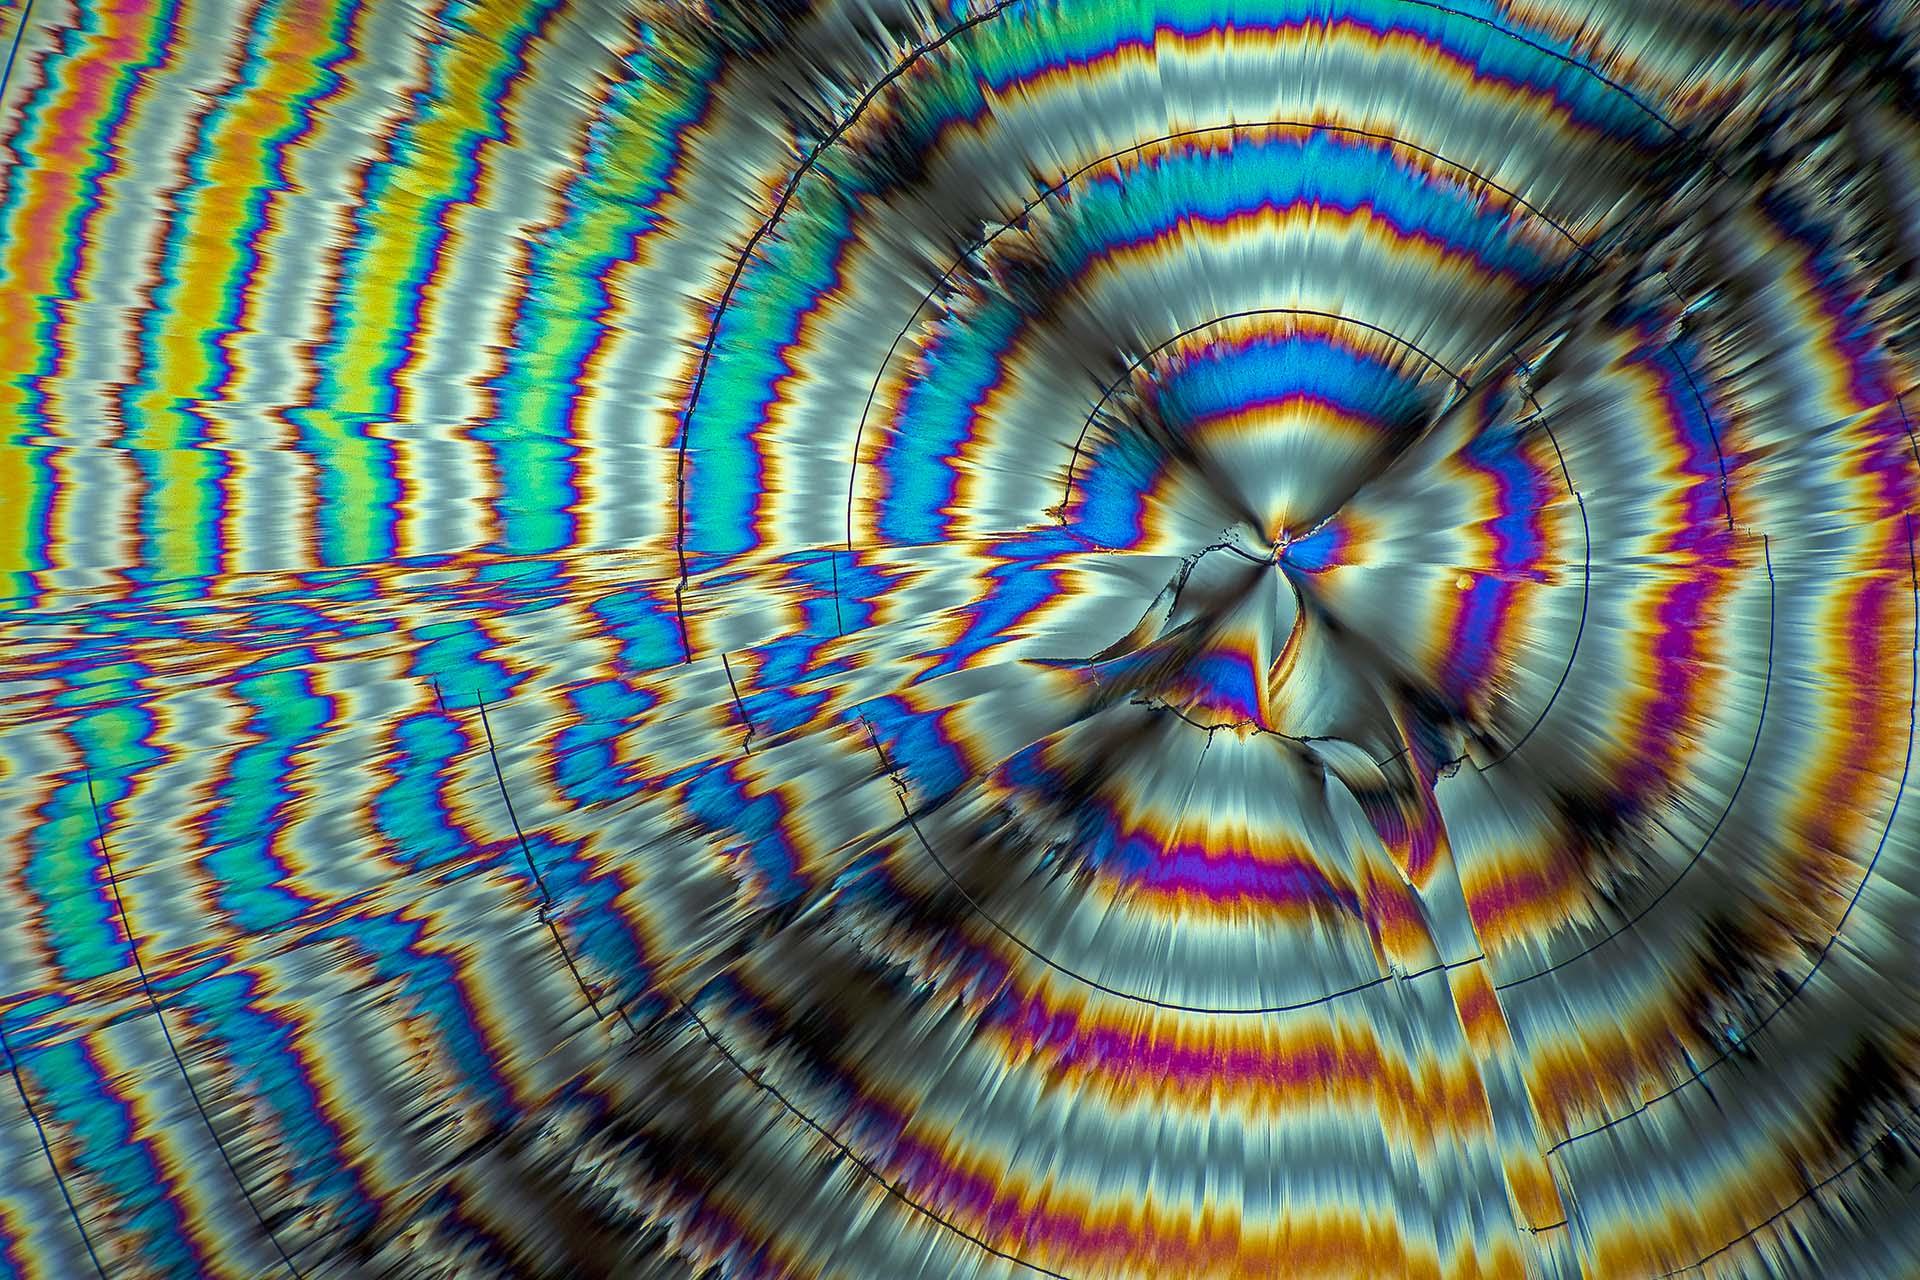 Glutaminsäure in einer Vergrößerung von 120:1, Mikro Kristall im polarisierten Licht.